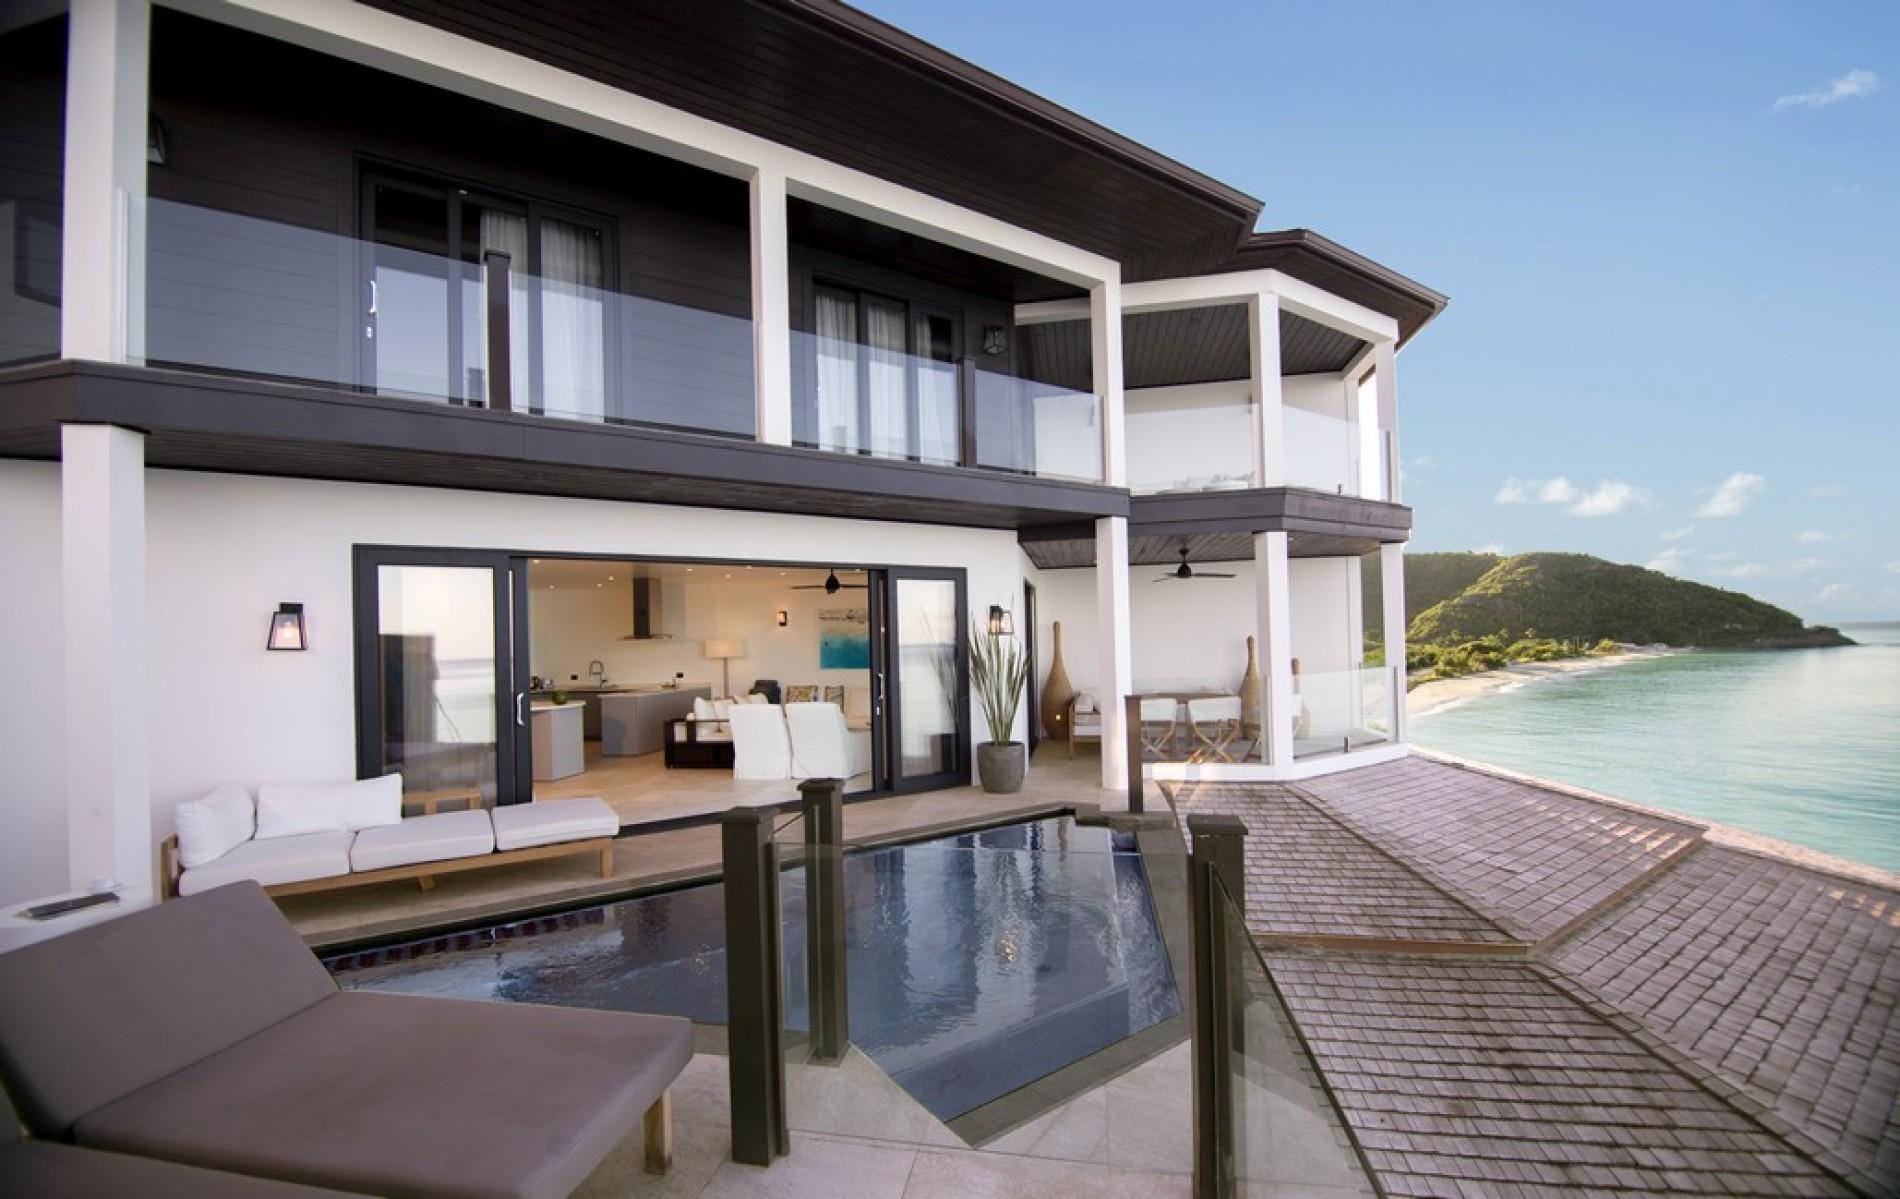 Dieppe Bay Villas